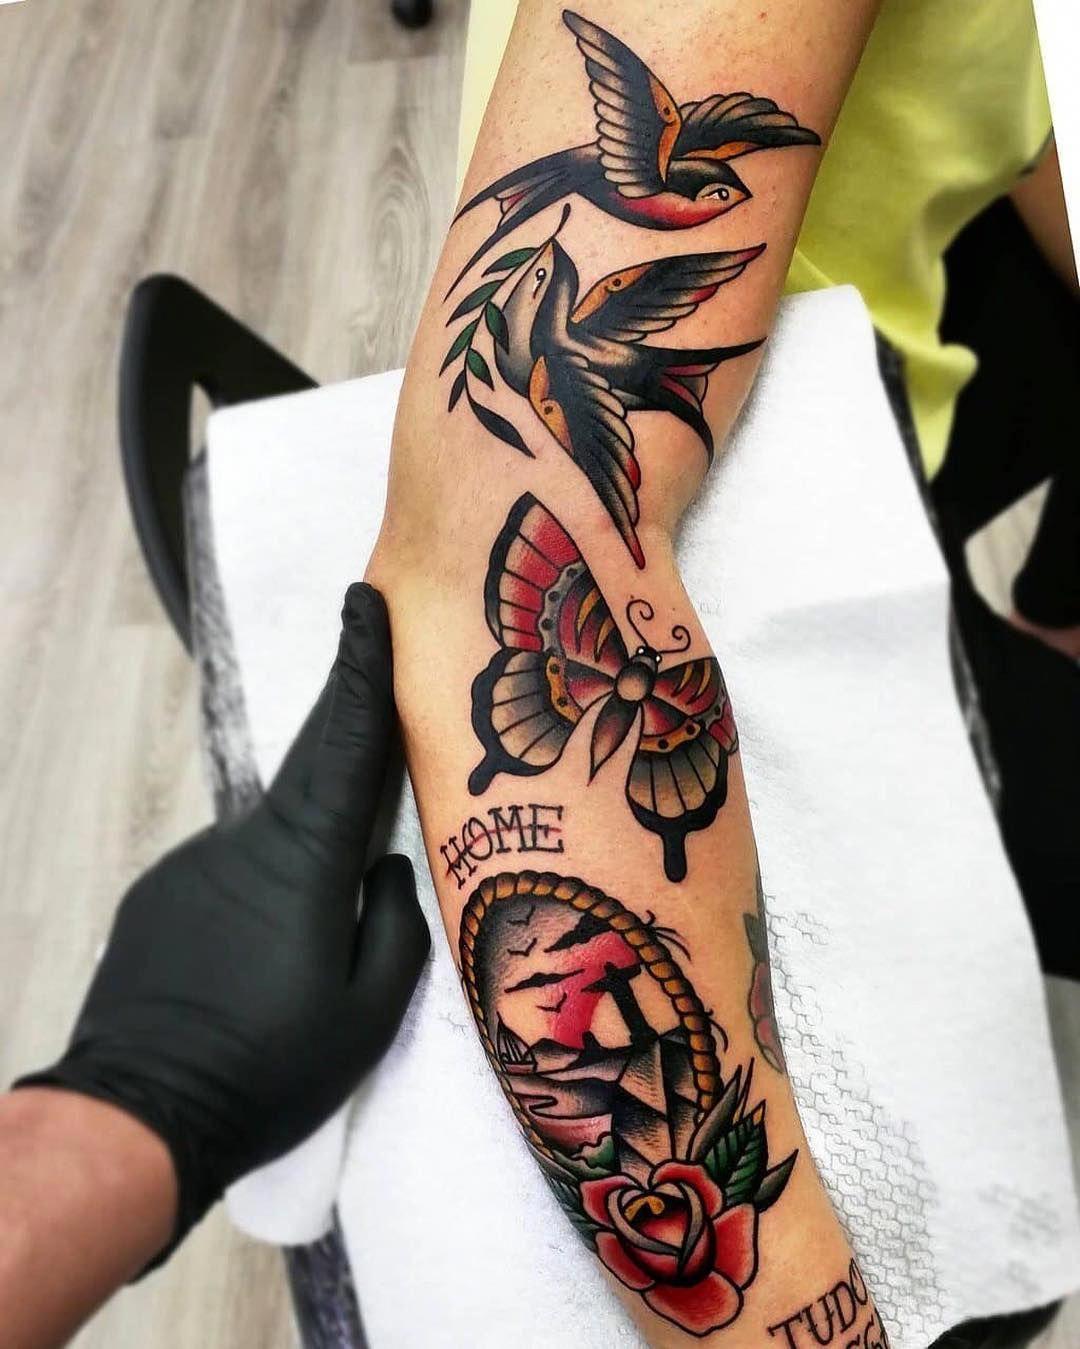 Womens Tattoos Sleeve Sleevetattoos Traditional Tattoo Design Traditional Tattoo Old Tattoos